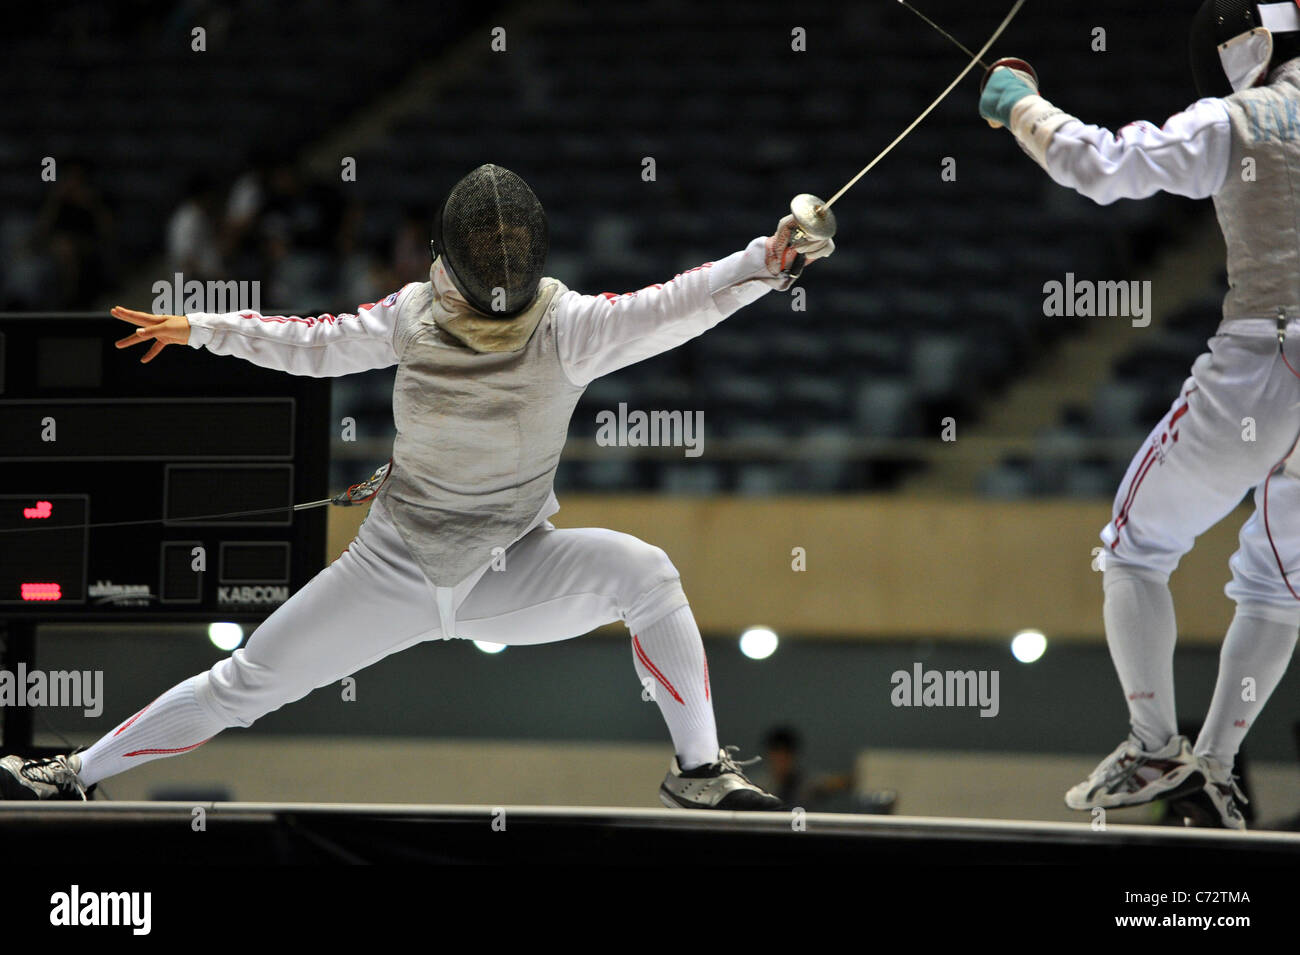 Hanae Ikehata (JPN) peleas durante la 64nd todos los campeonatos de esgrima de Japón en Tokio, Japón. Imagen De Stock